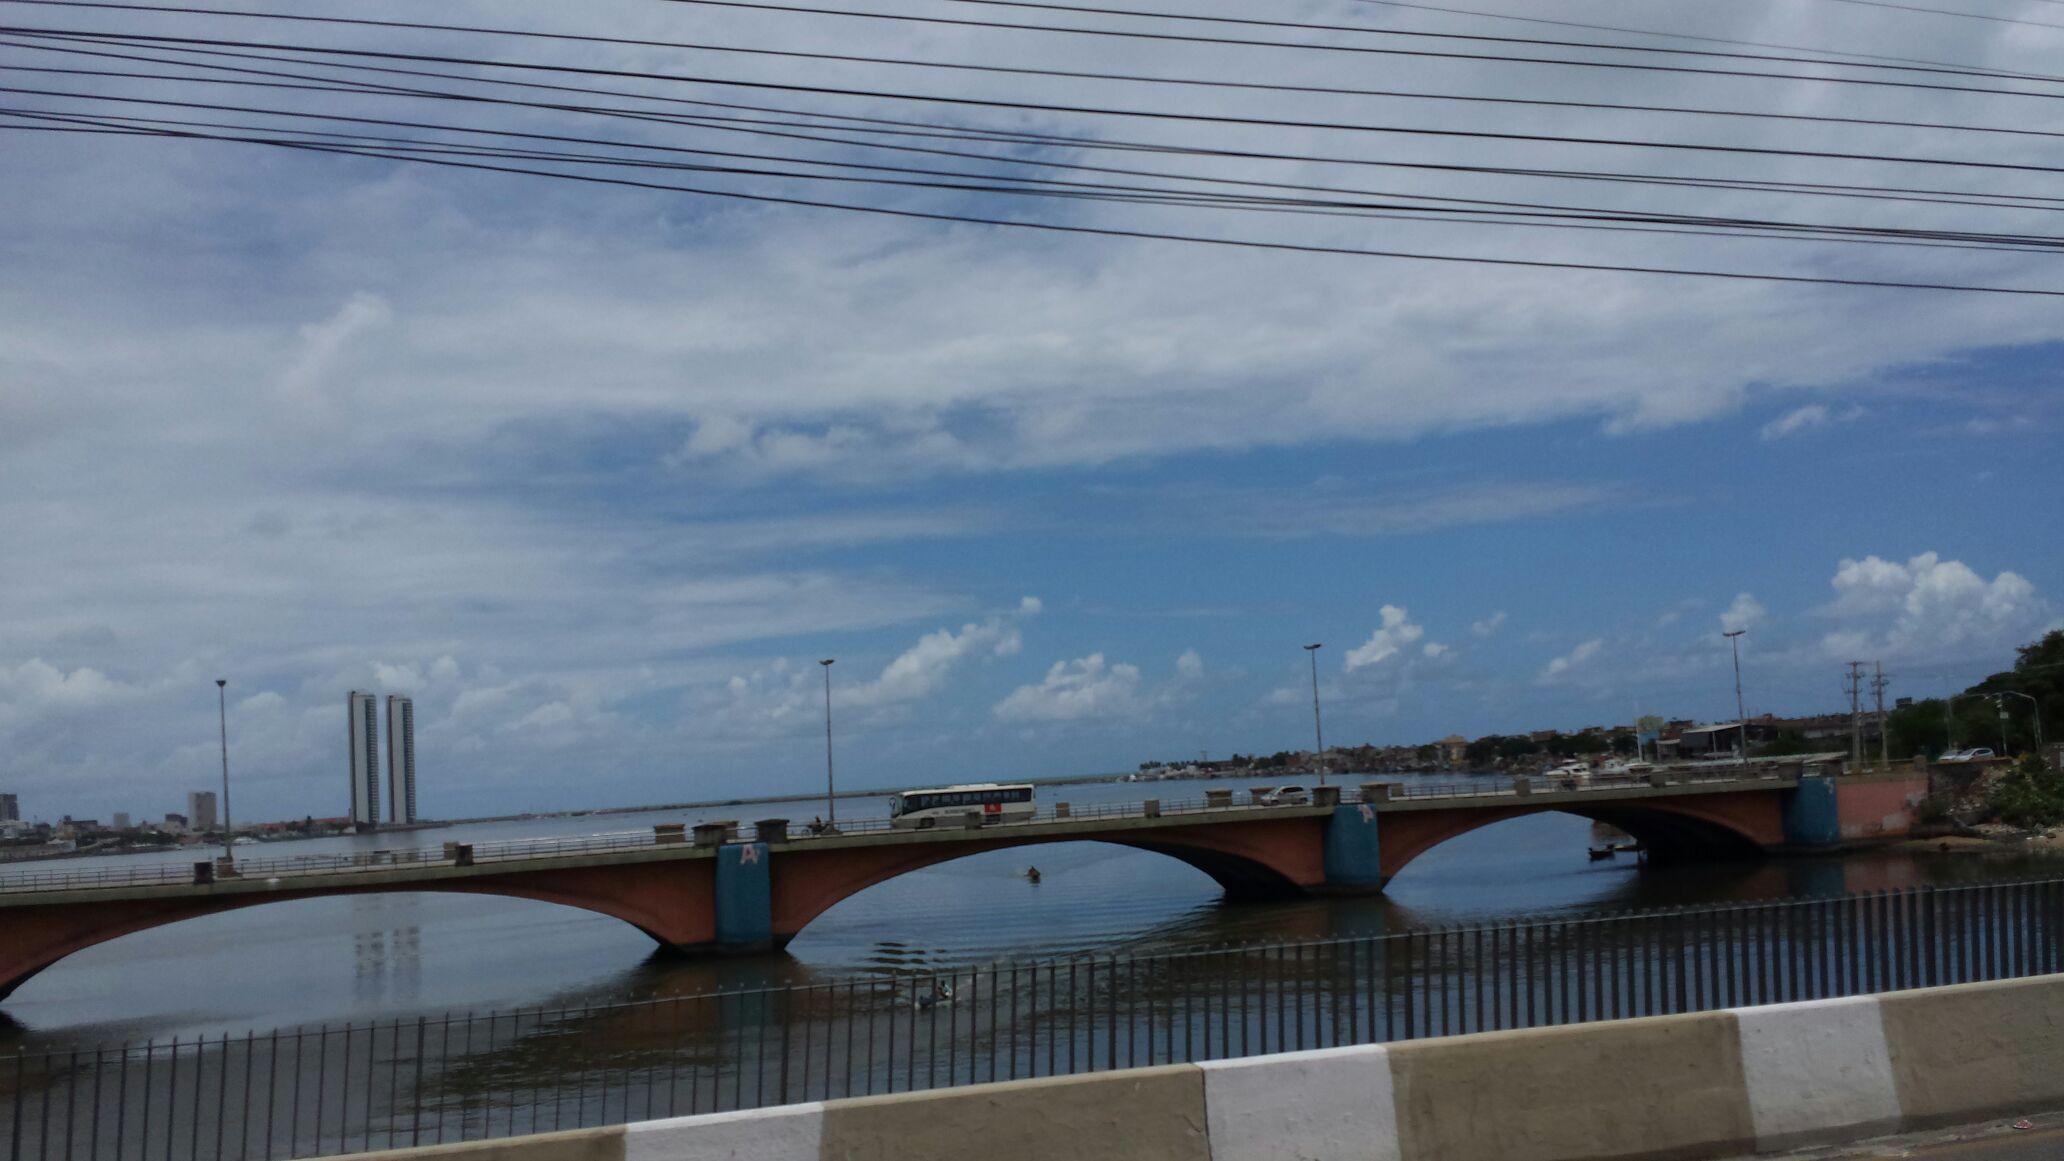 Boa Viagem Bairro Nobre Do Recife - Magazine cover